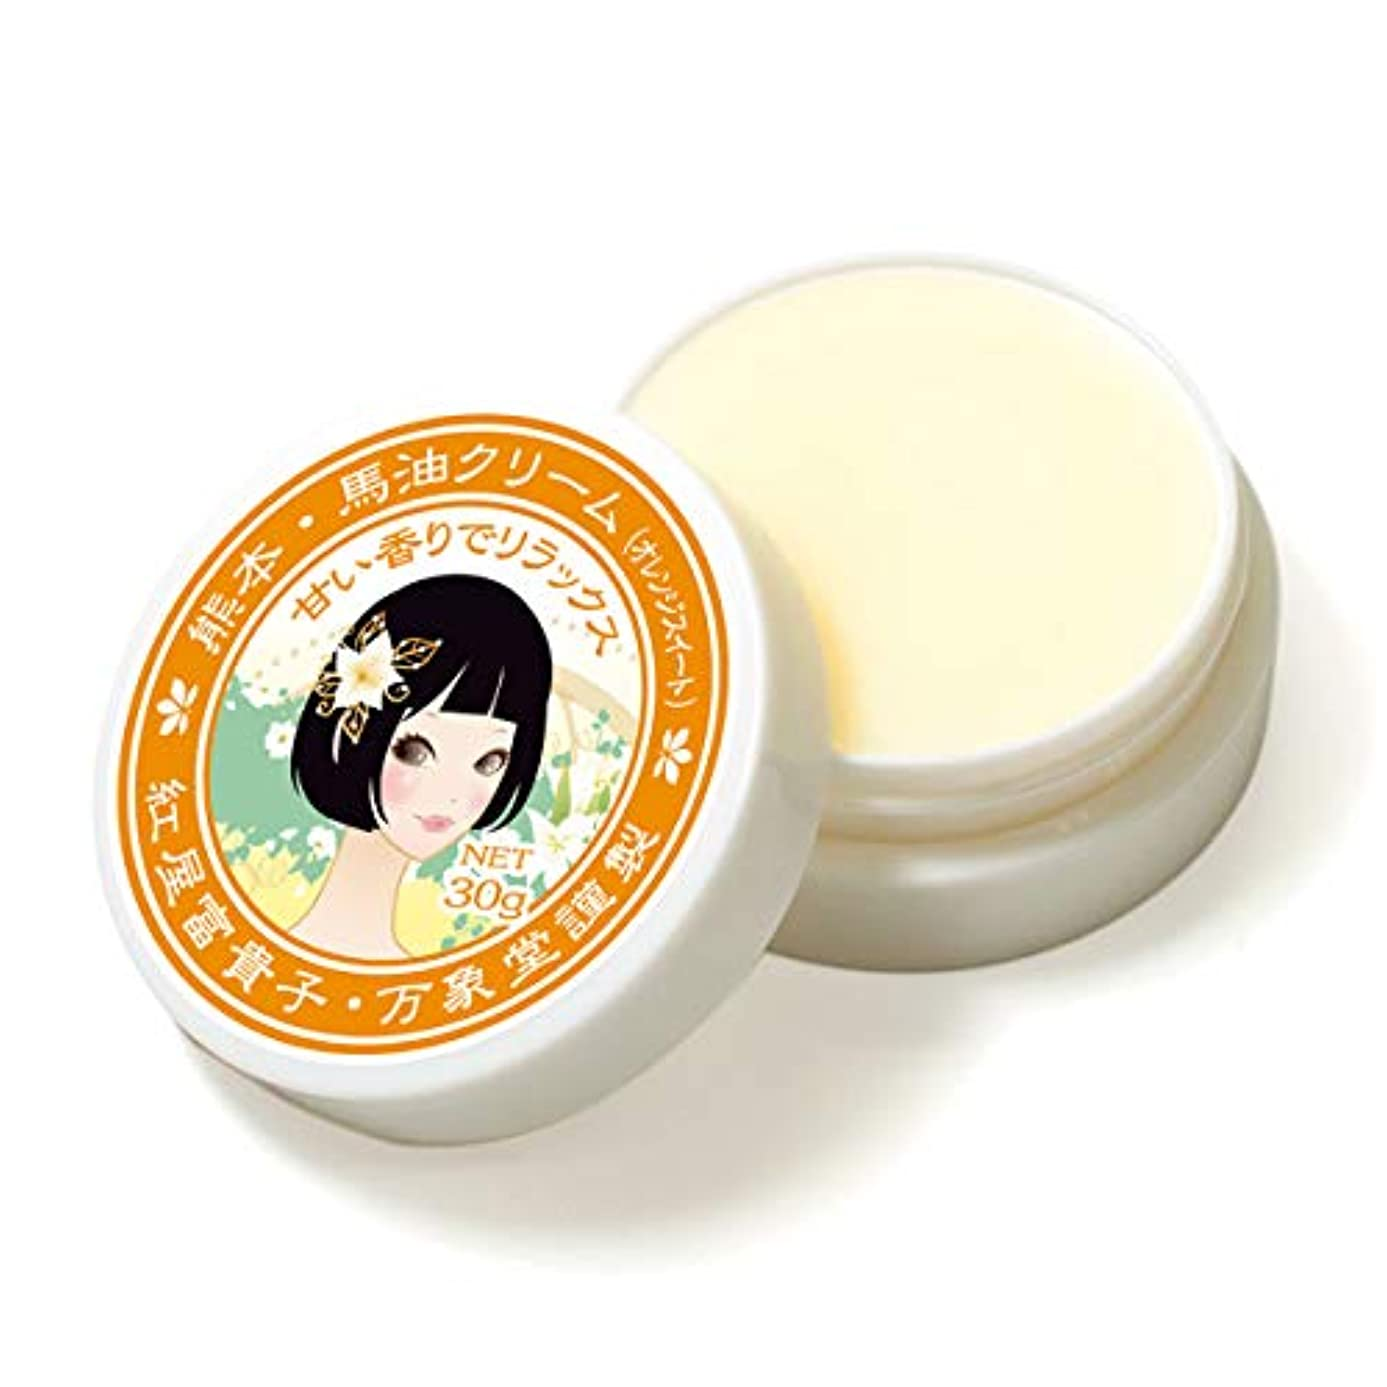 森羅万象堂 馬油クリーム 30g (オレンジスィート)精油 アロマ 国産 保湿 スキンクリーム